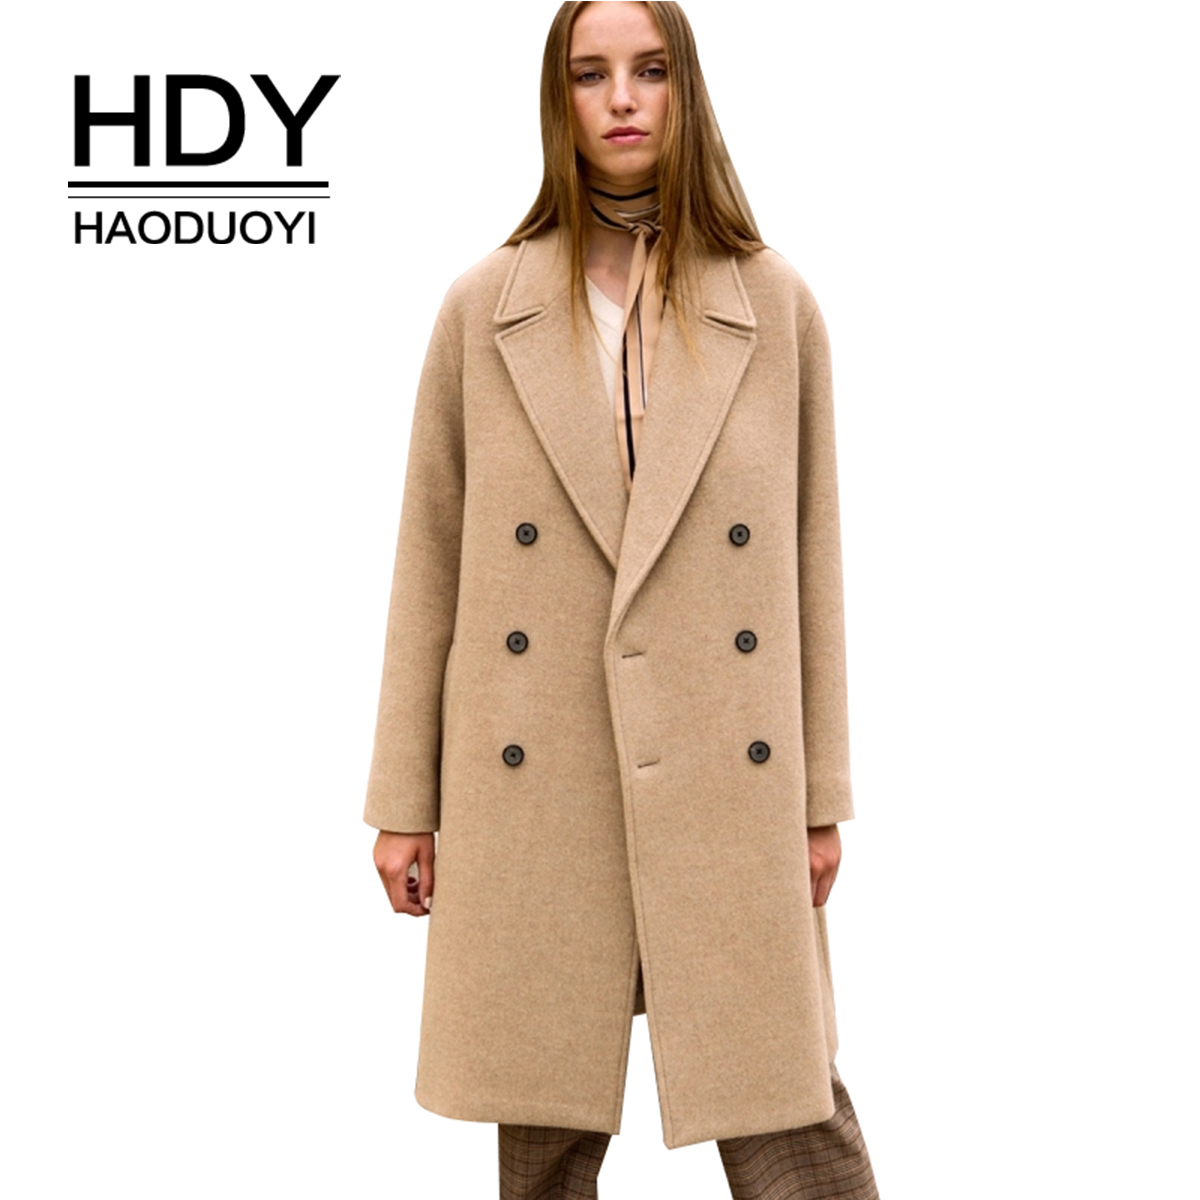 HDY haoduoyi простой темперамент пригородных основных пальто флип воротник двубортный верблюжий длинное пальто